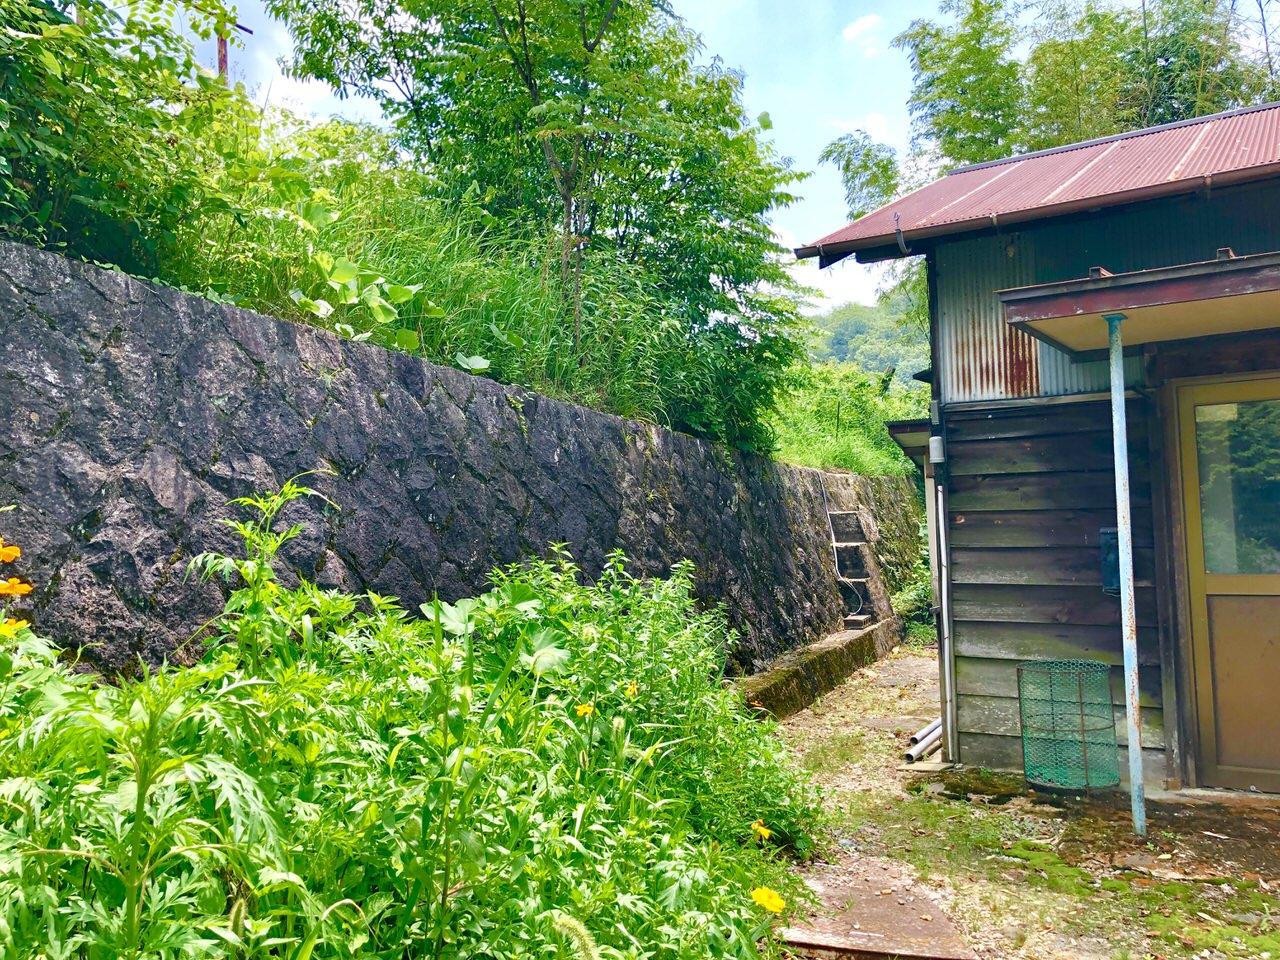 木曽川橋梁撮影スポットへの階段